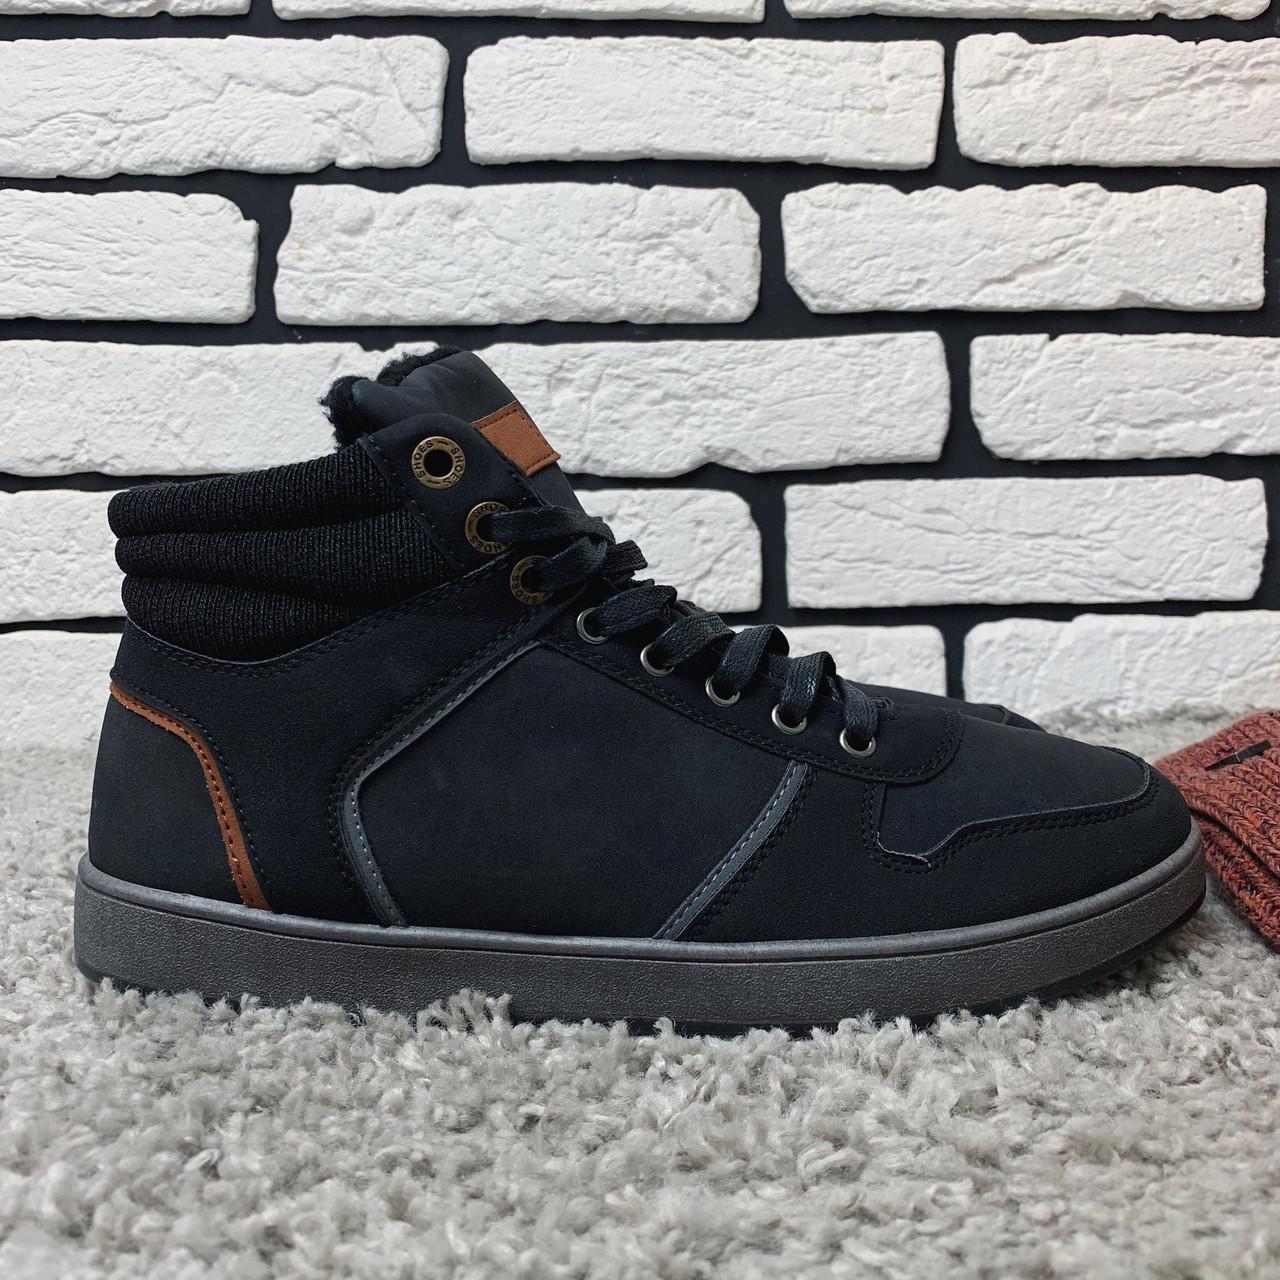 Зимние ботинки (на меху) мужские Vintage 18-074 ⏩ [ 43,44 ]